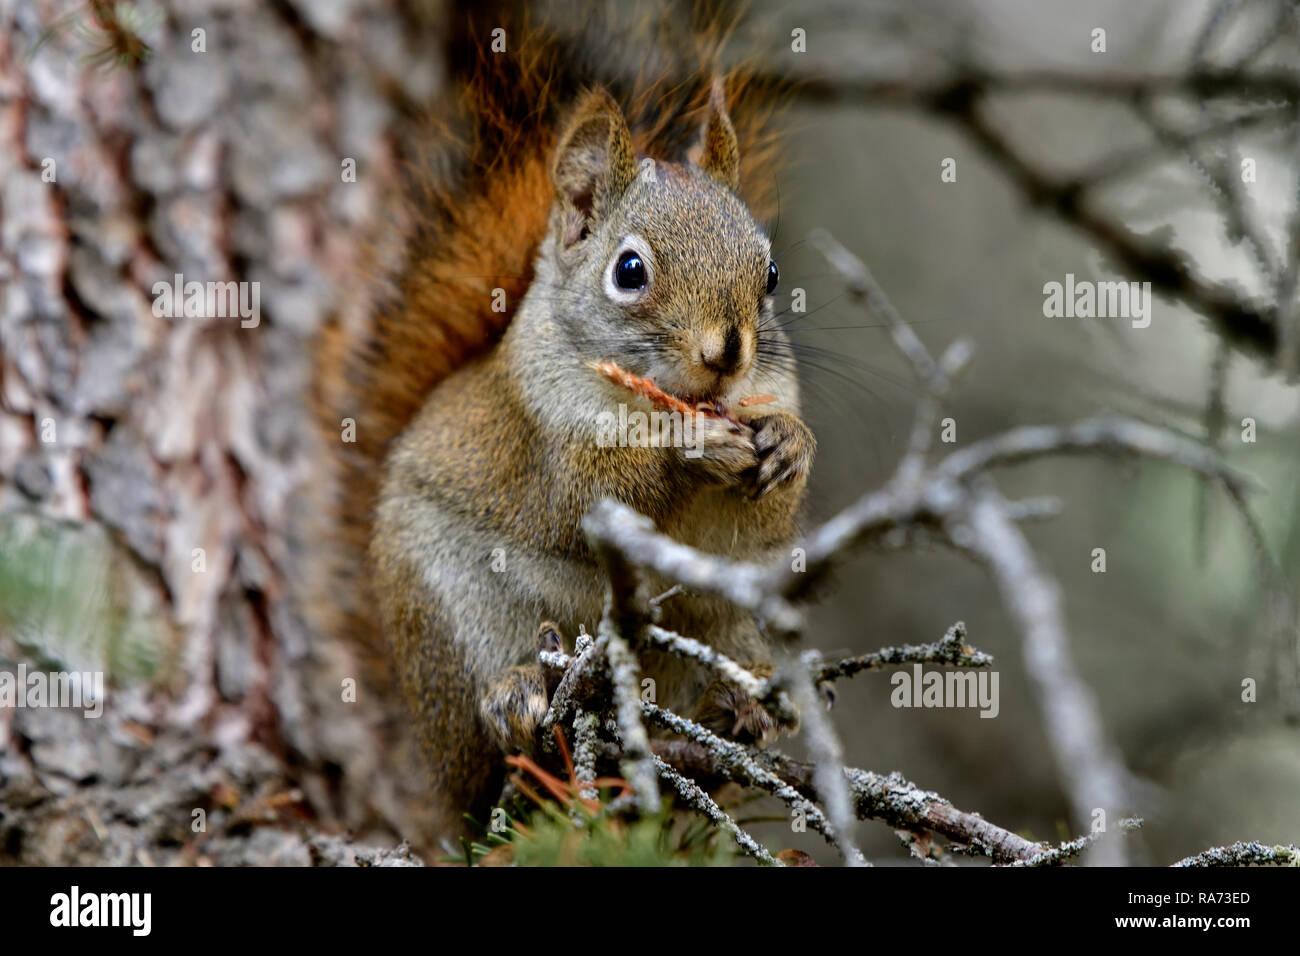 """Ein rotes Eichhörnchen """"Tamiasciurus hudsonicus"""" saß auf einem Ast essen eine Fichte Kegel in seiner tiefen Lebensraum Wald in ländlichen Alberta Kanada Stockbild"""